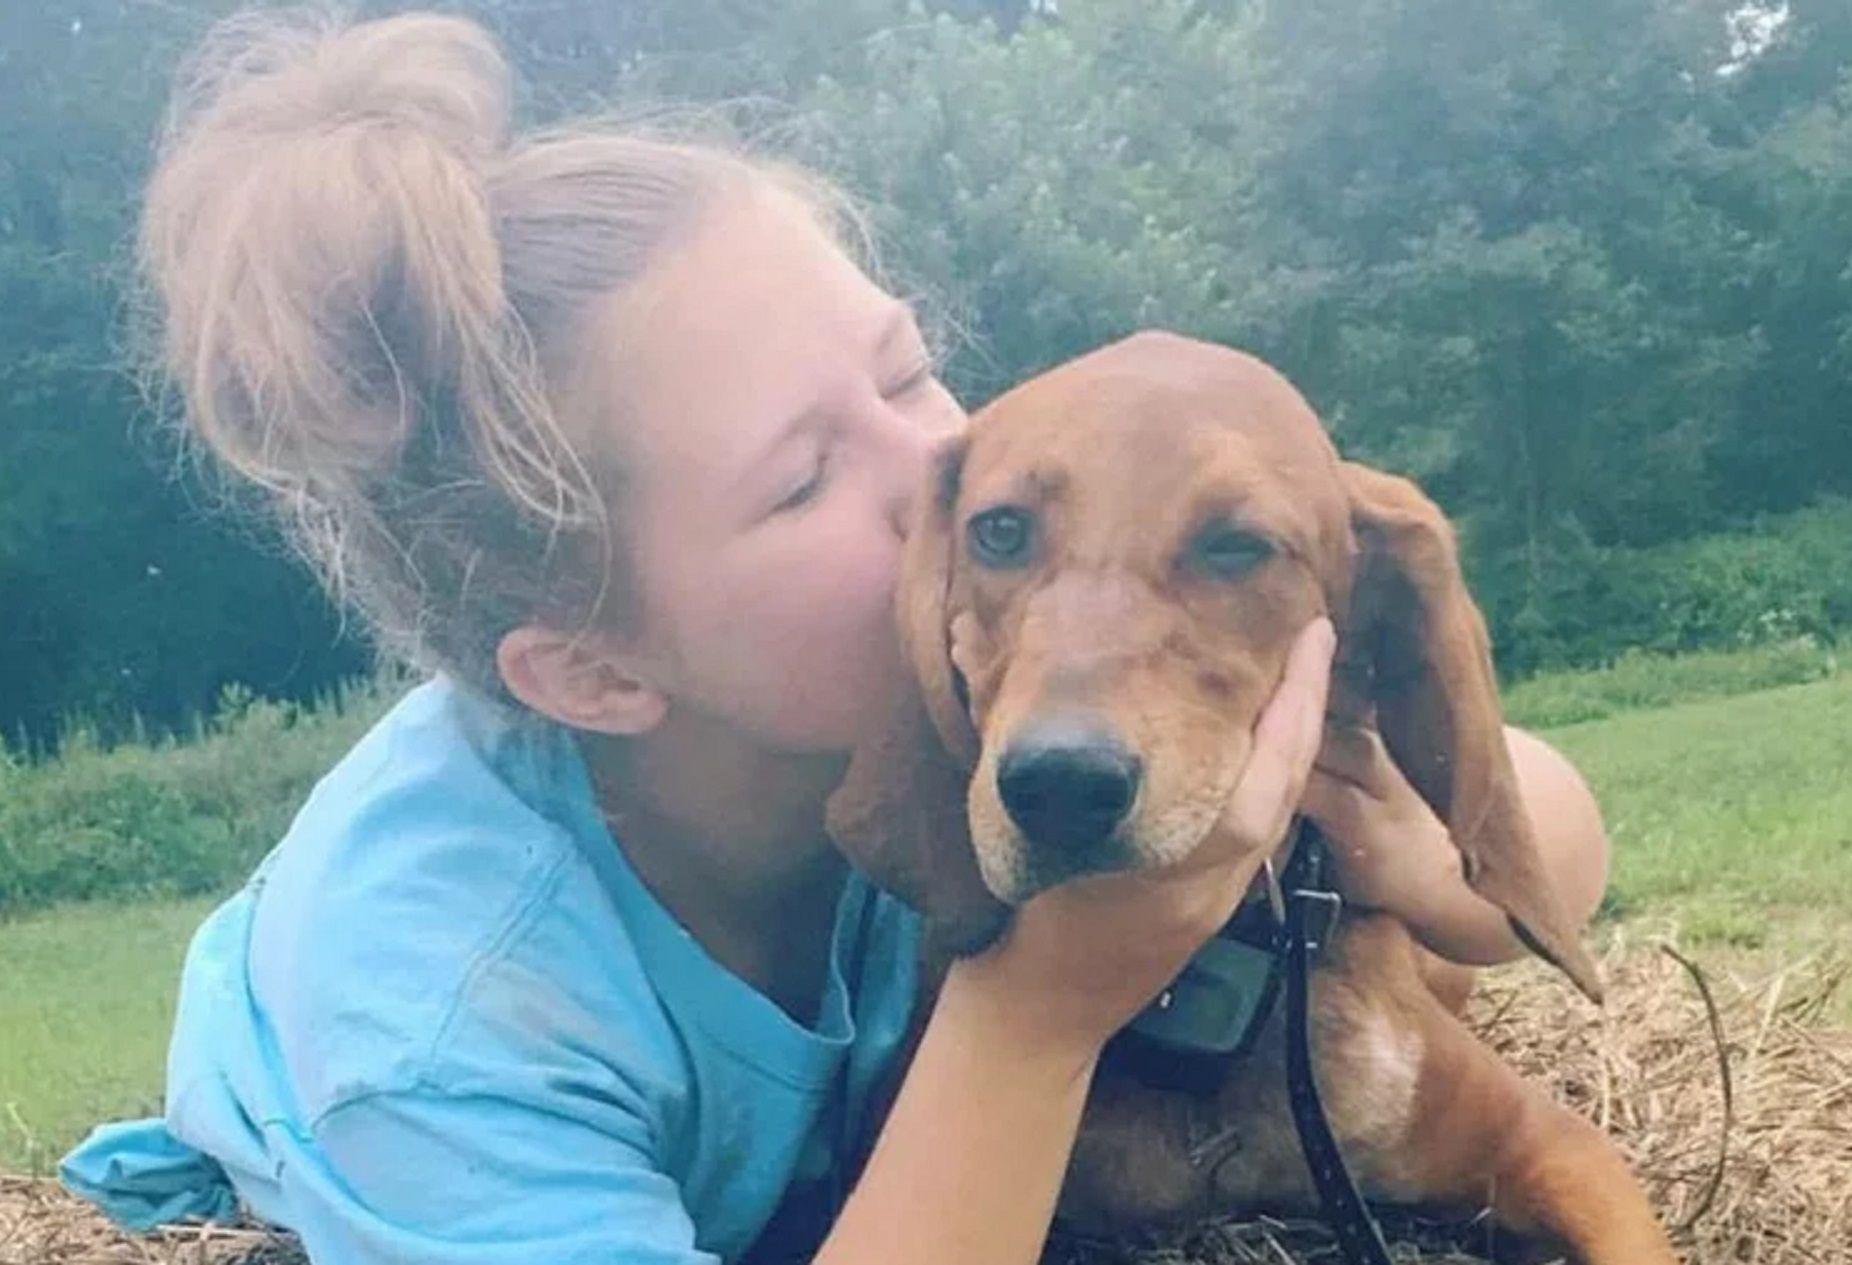 Una nena quiso salvar a su perro, pero ambos murieron atropellados